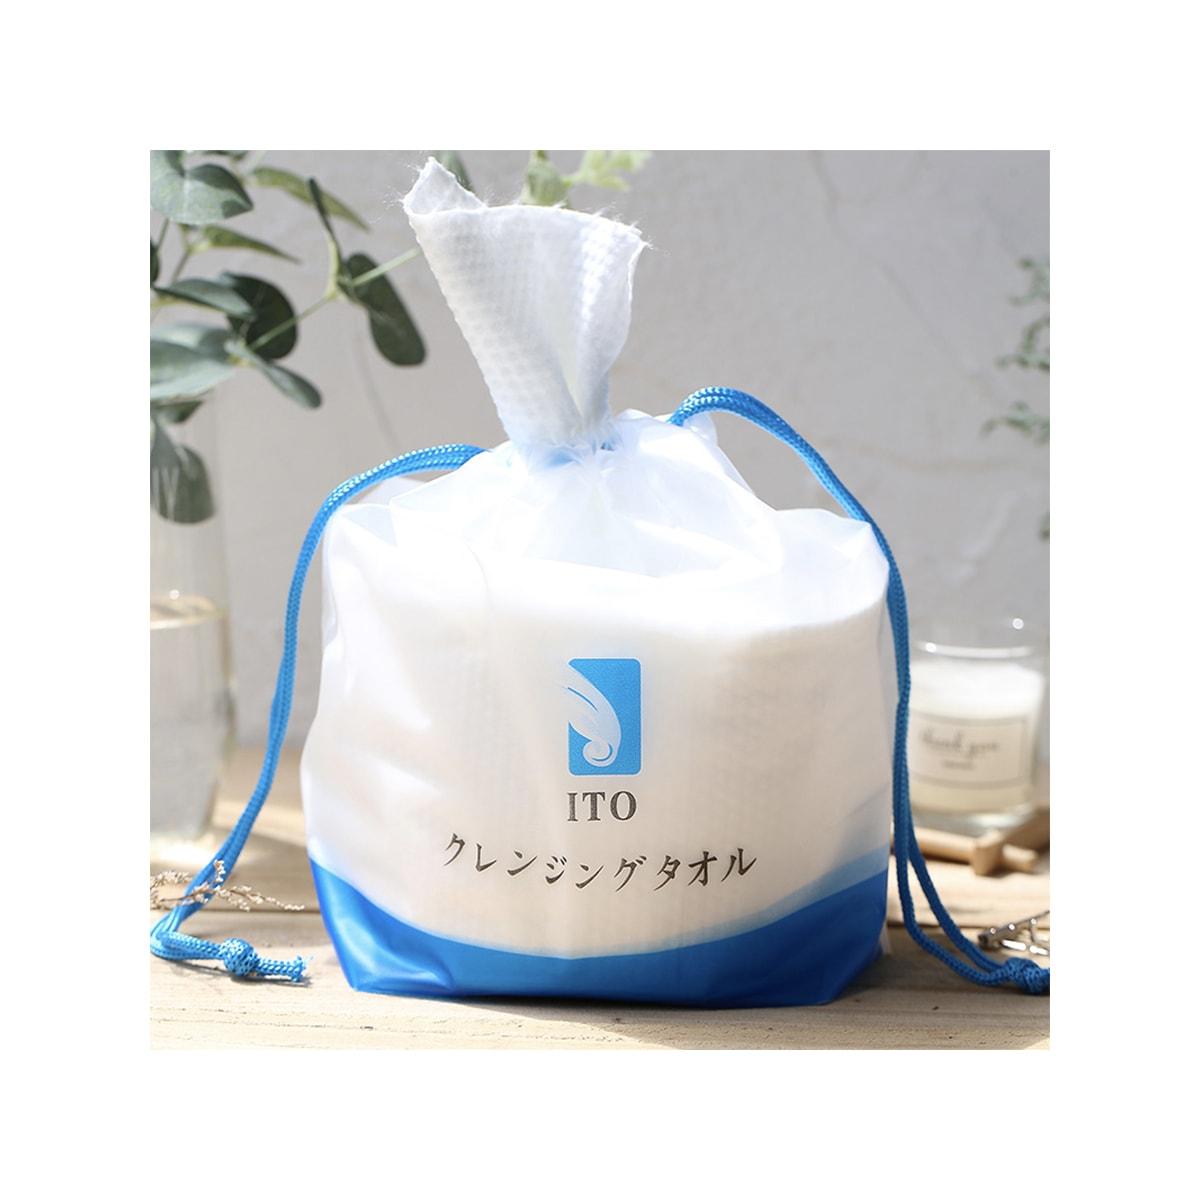 日本ITO 珍珠纹耐用不掉屑 日本美容院专用柔肤洁面巾 80枚 怎么样 - 亚米网